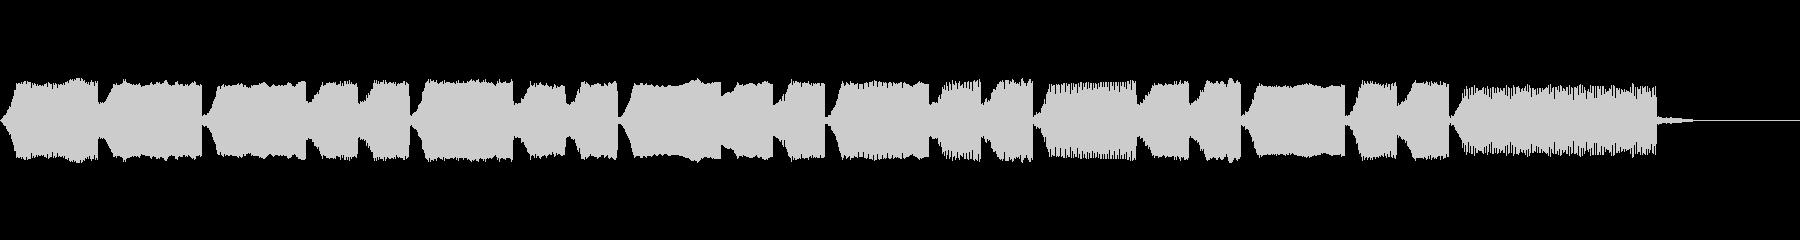 ファミコンセーブ音2の未再生の波形